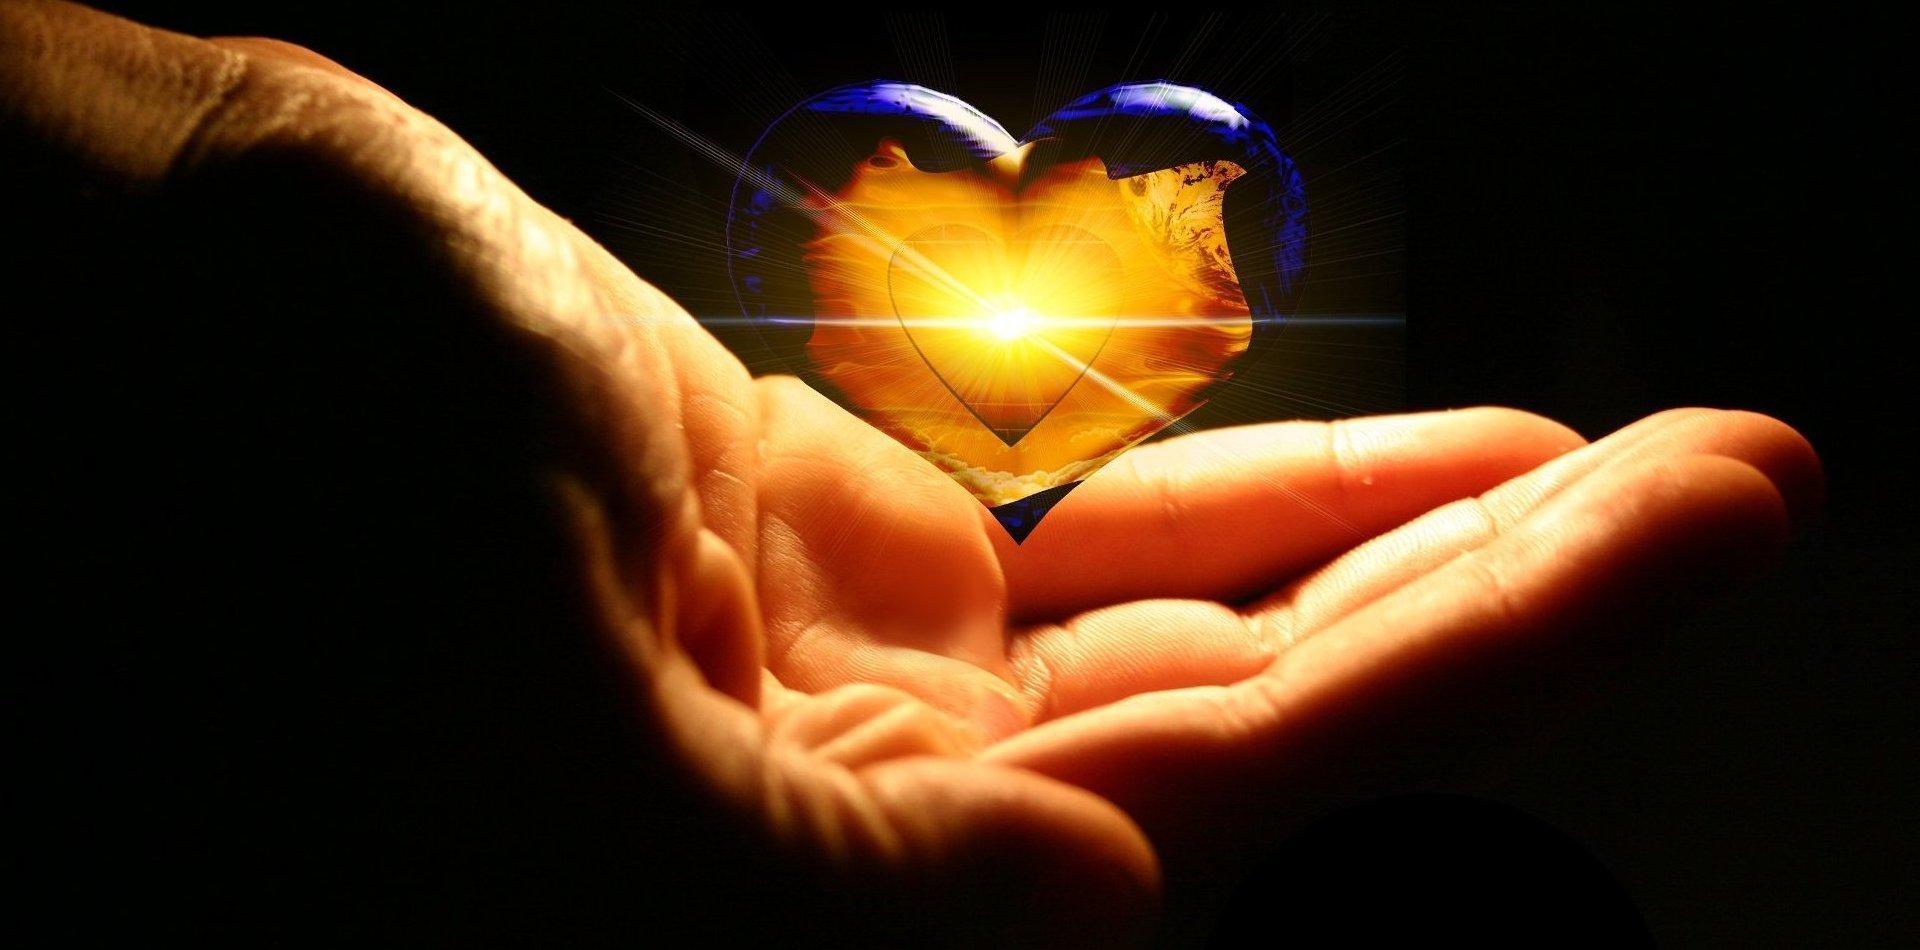 Заклинание на крепкую любовь на расстоянии